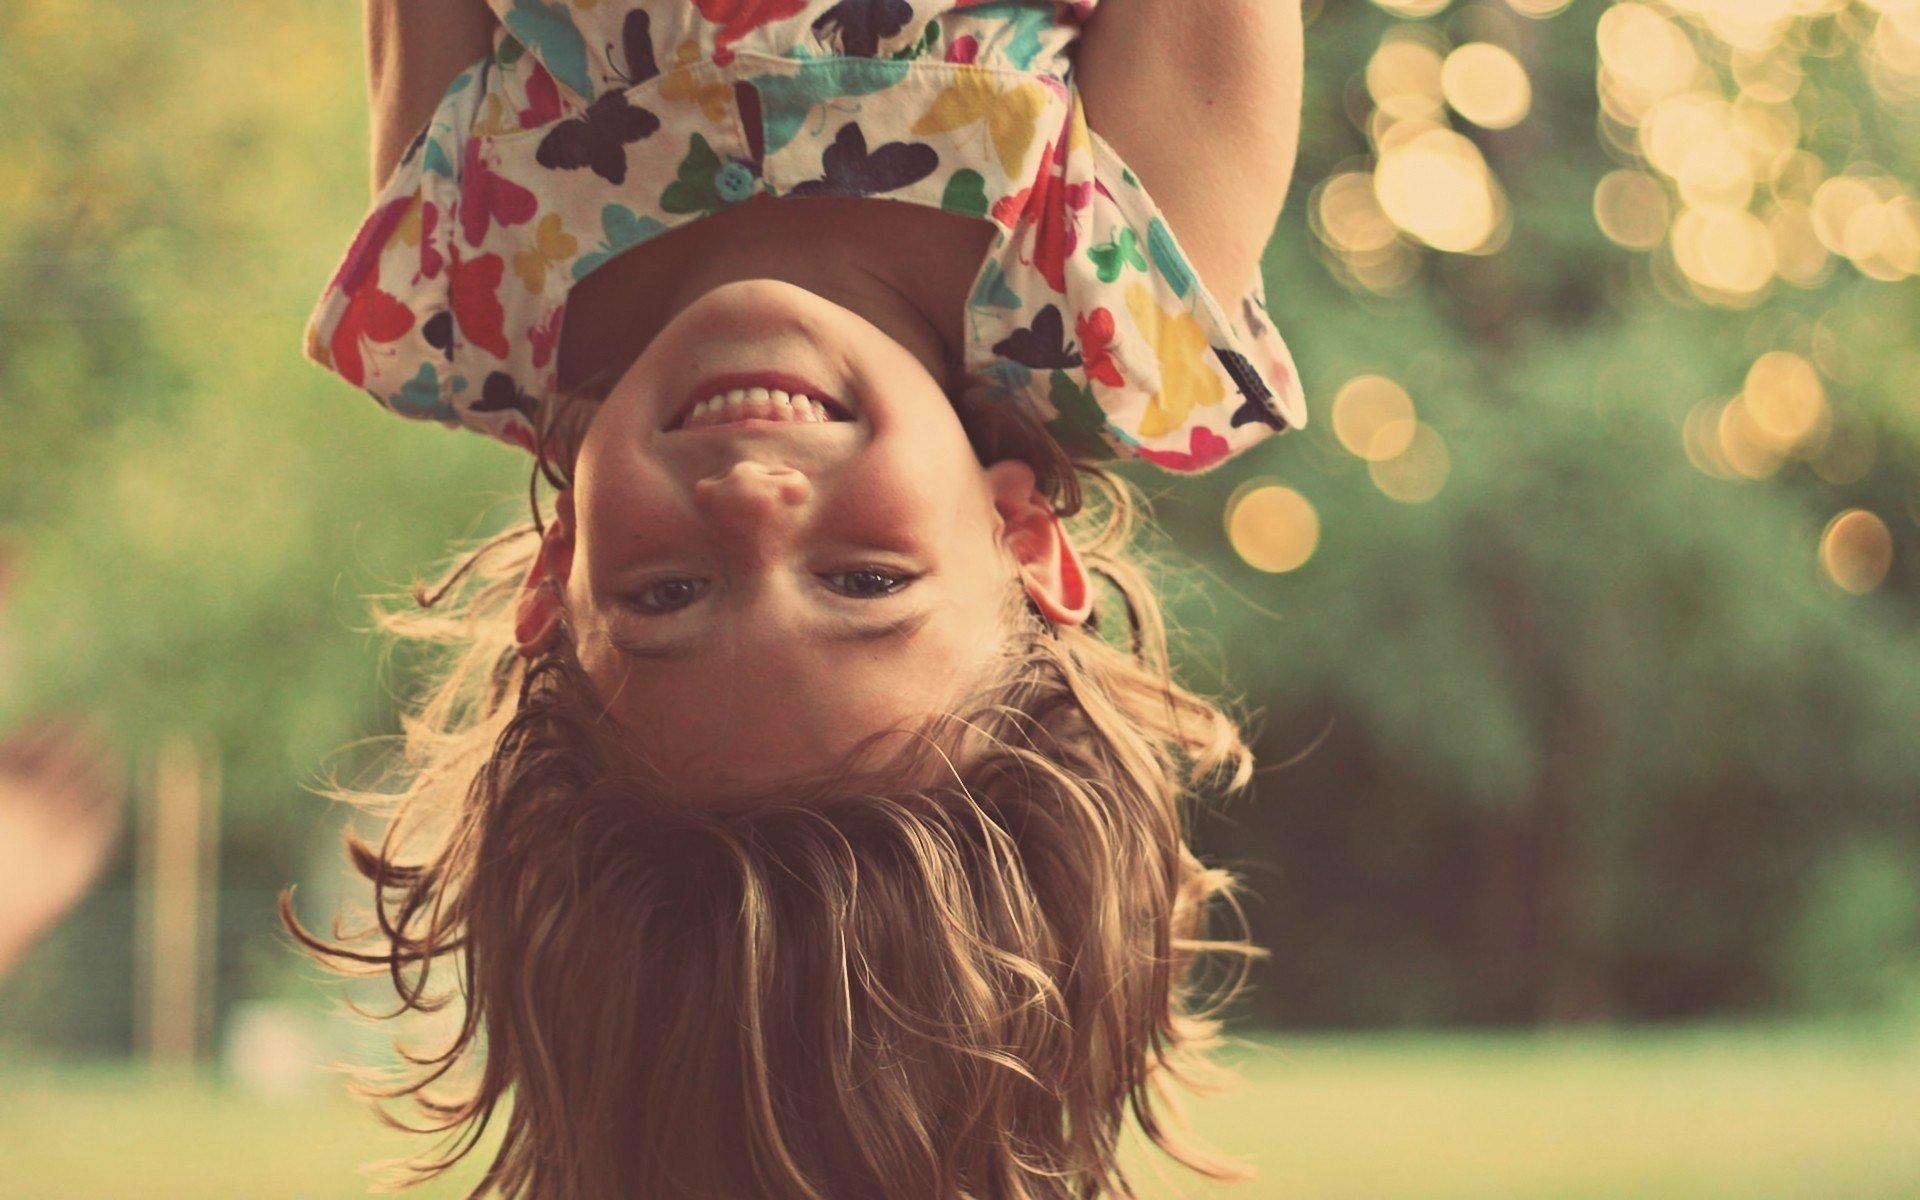 деца буркан на щастието